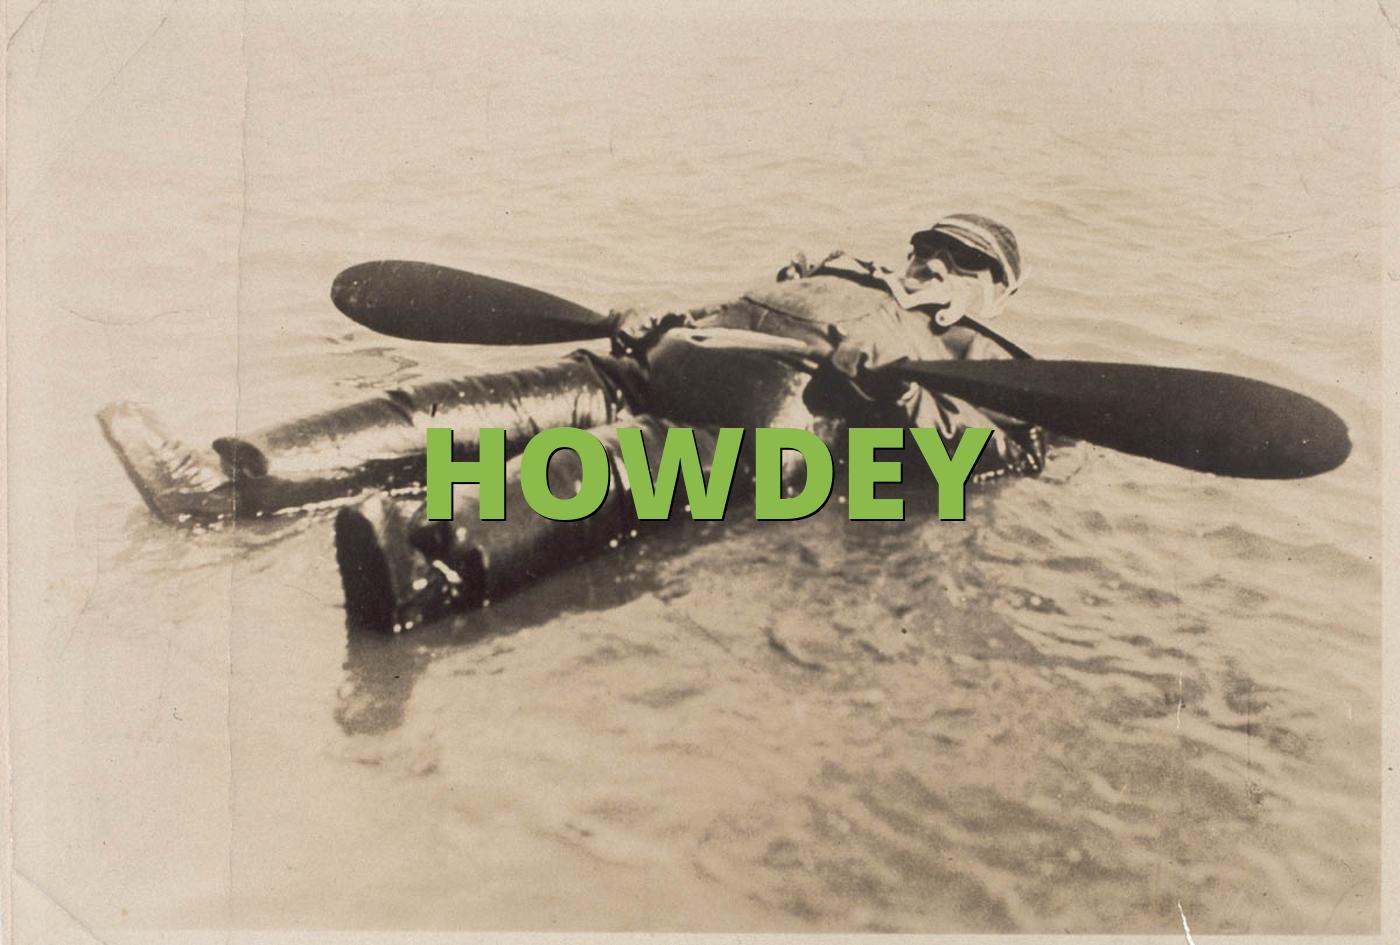 HOWDEY